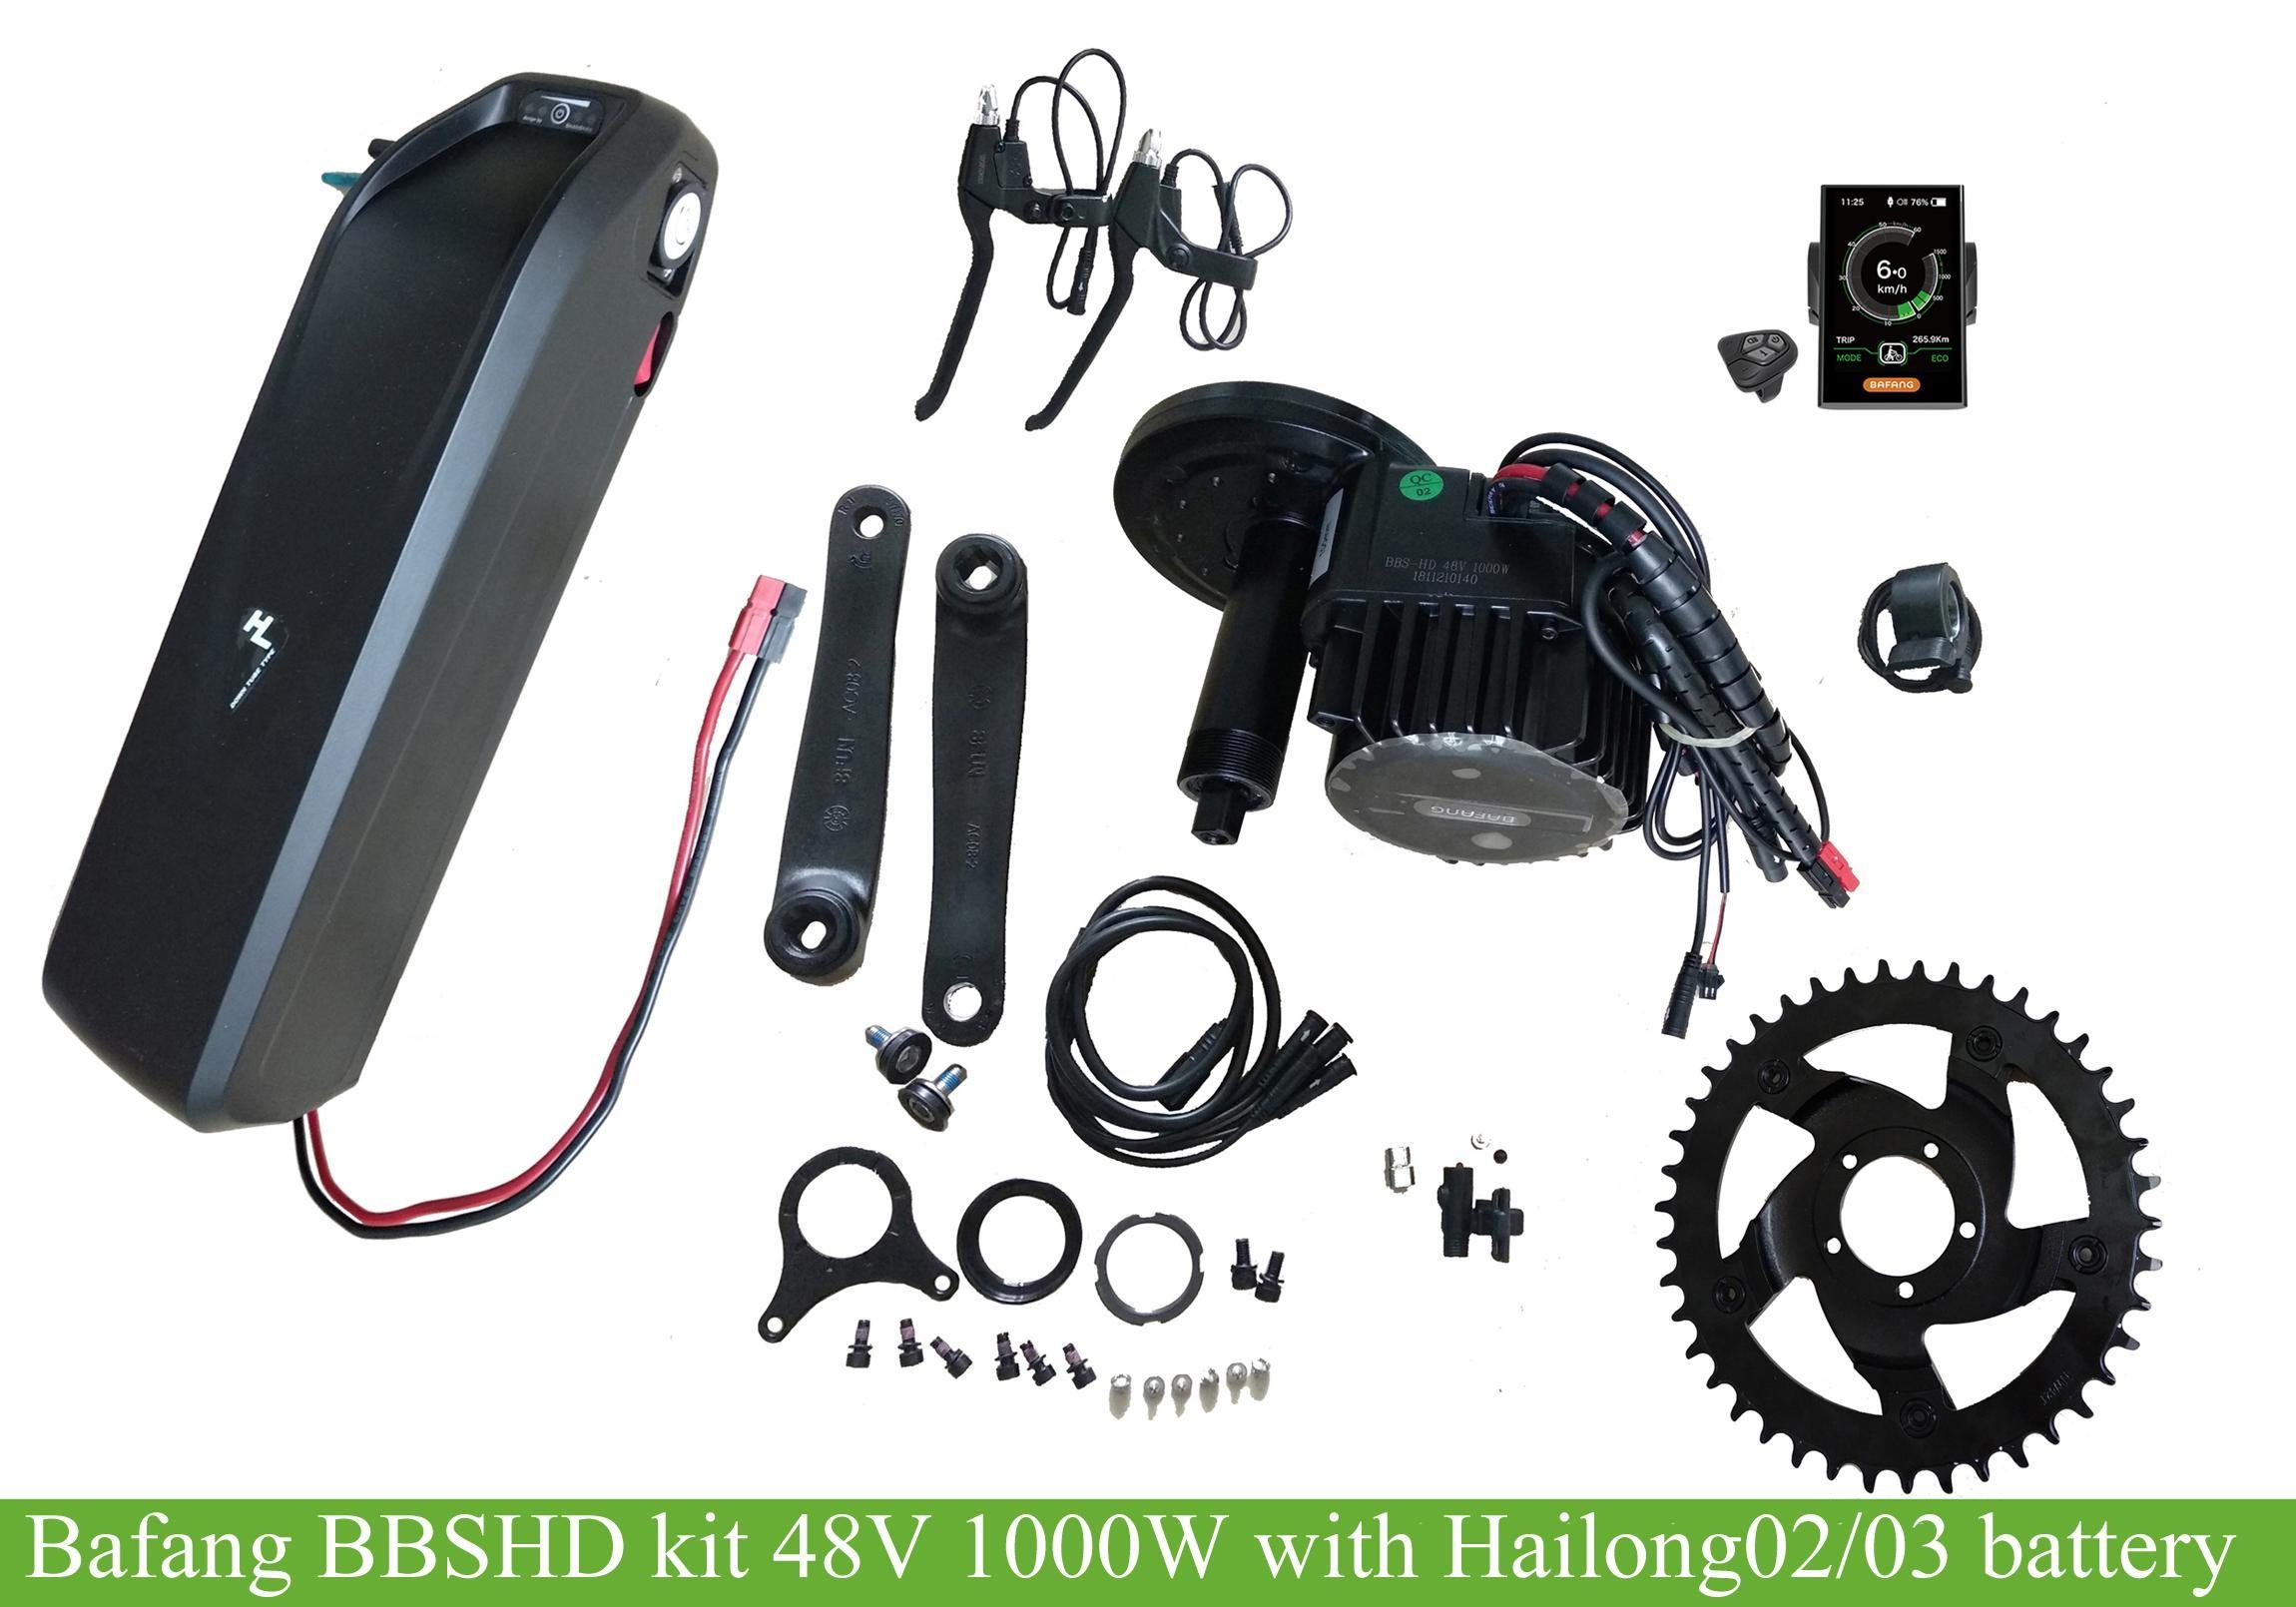 bafang BBSHD kit 48V1000W with 48V/ 52V panasonic hailong03